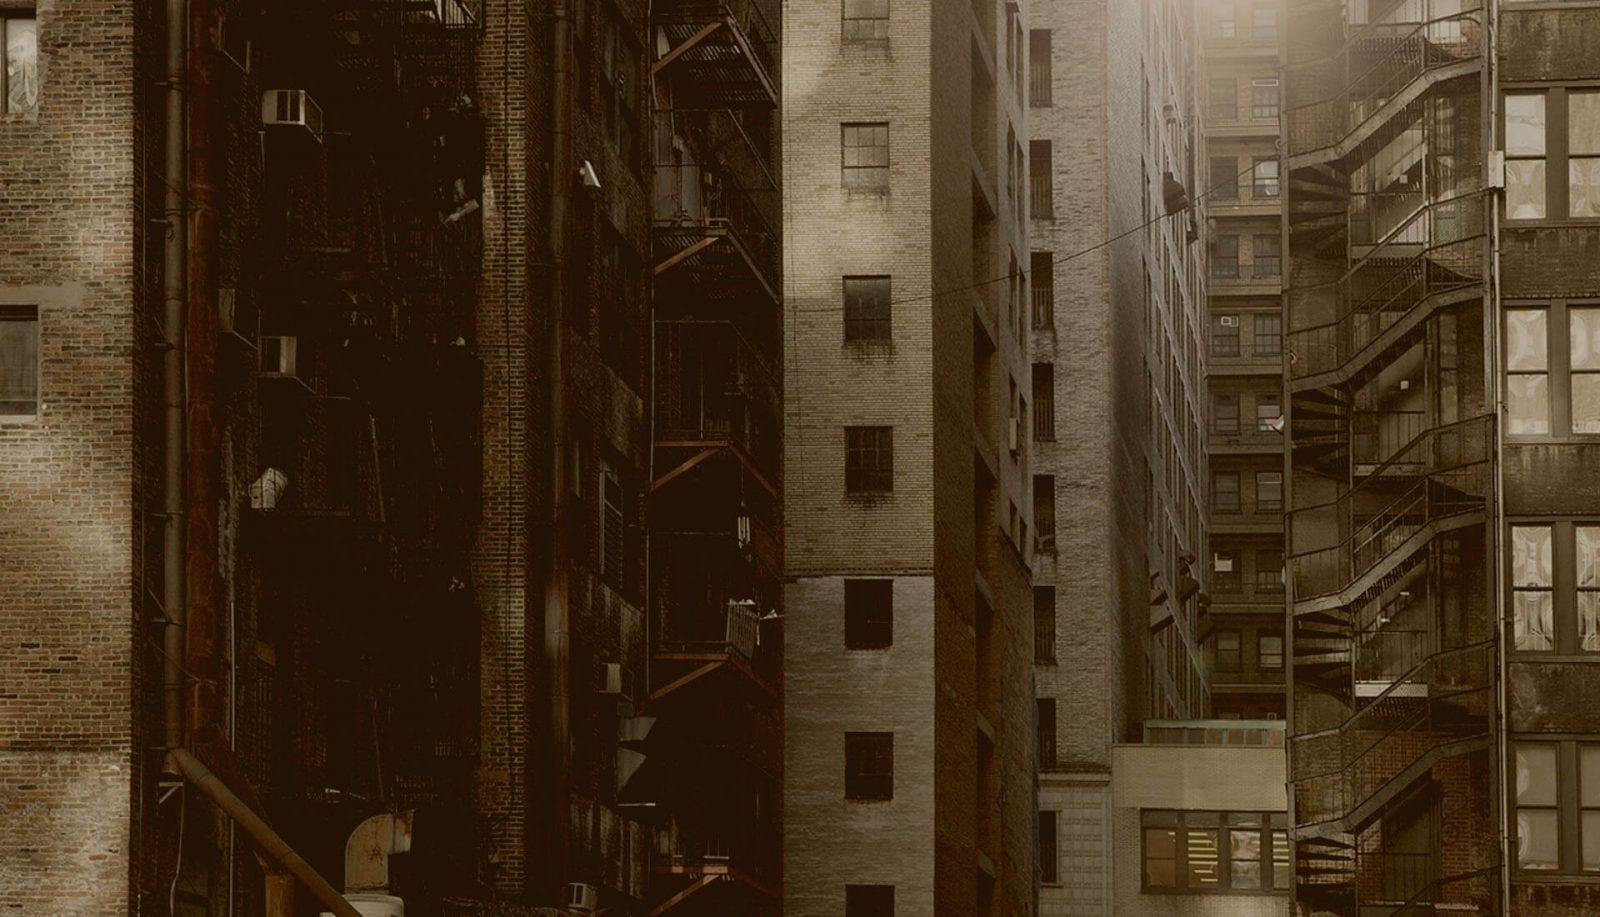 Apartment - Gerçek Evden ve Odadan Kaçış Oyunları